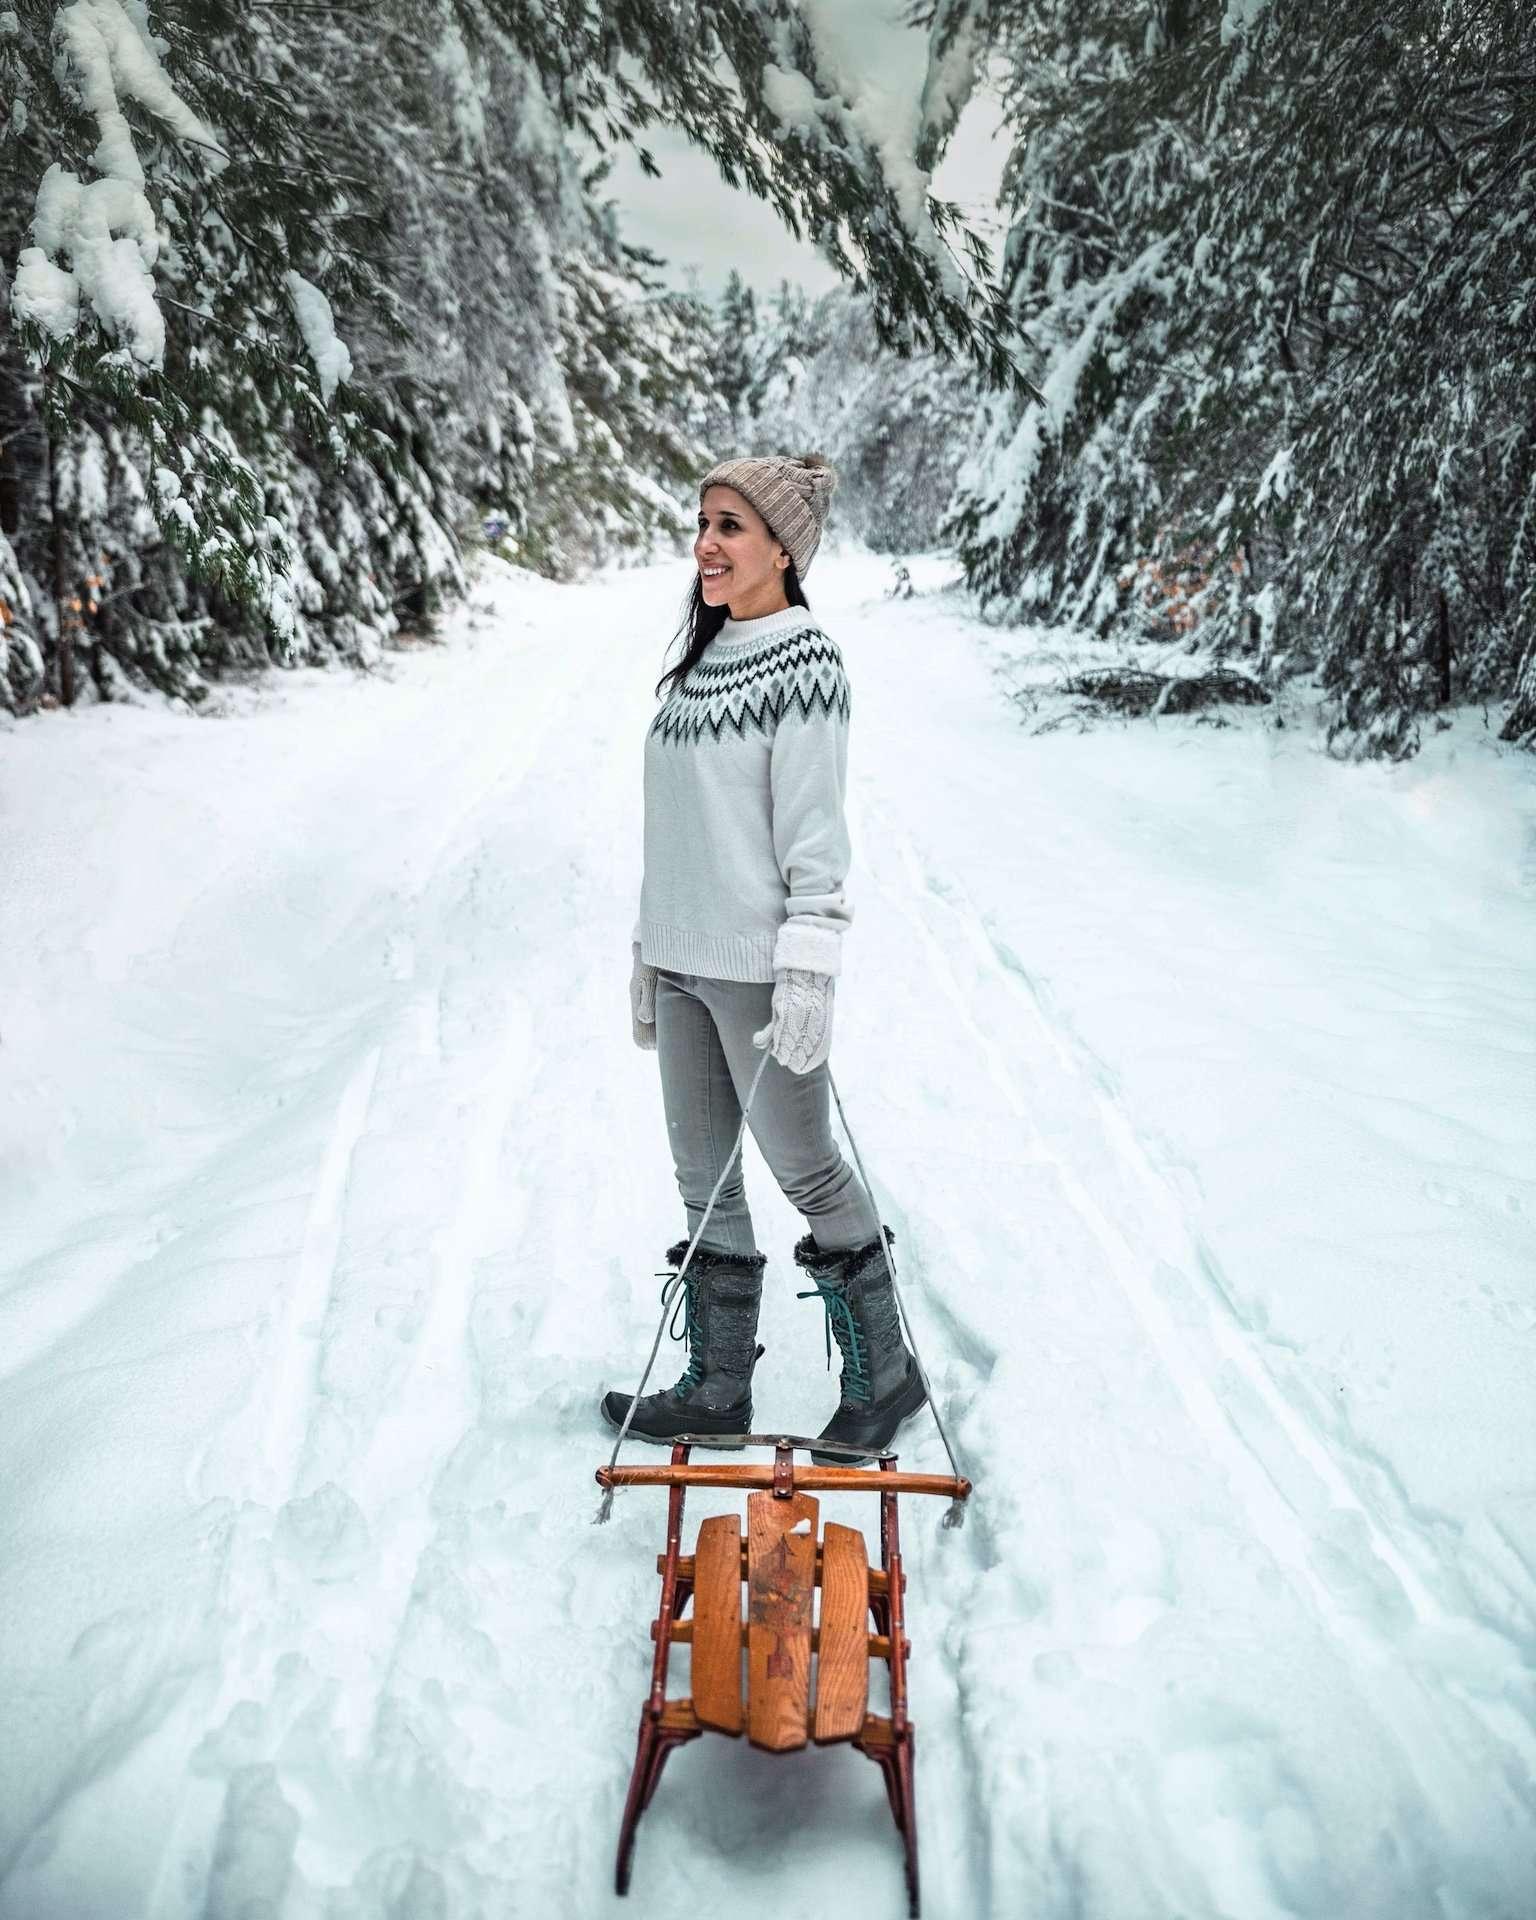 girl sledding in snow